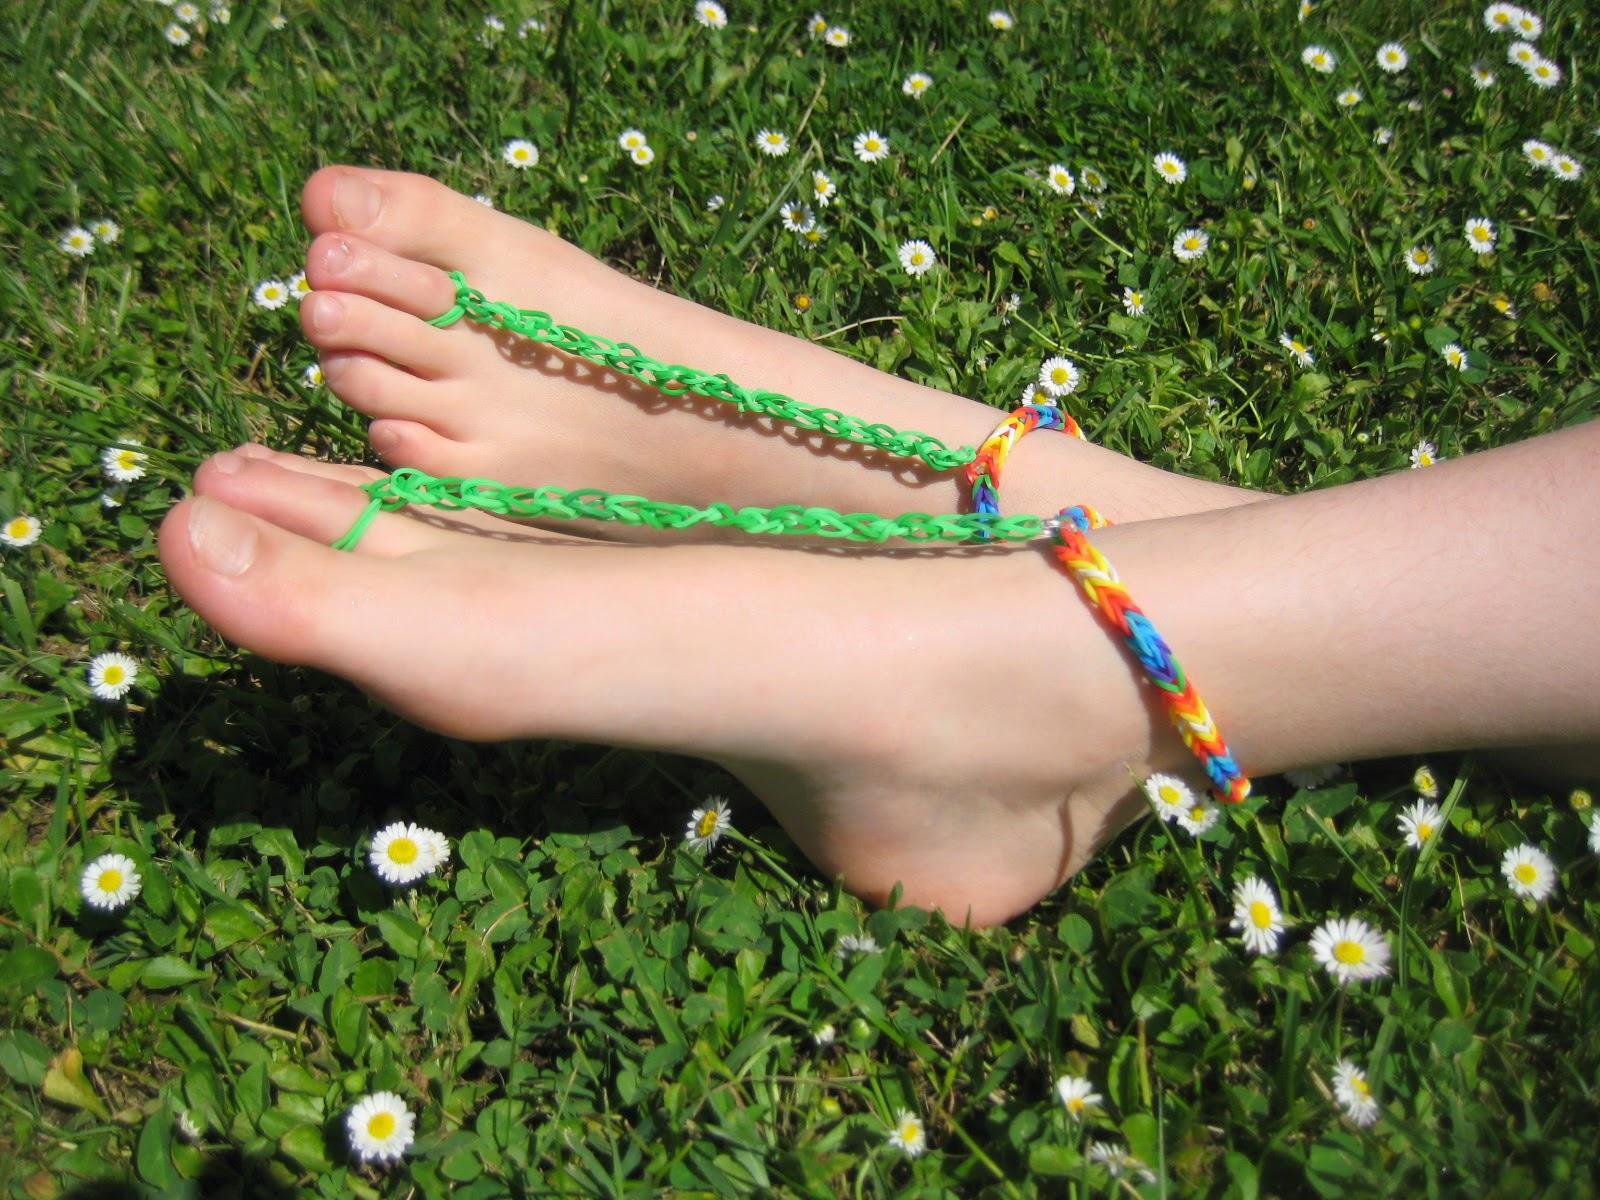 Maman je sais pas quoi faire nu pieds en - Comment faire des bracelets en elastique ...